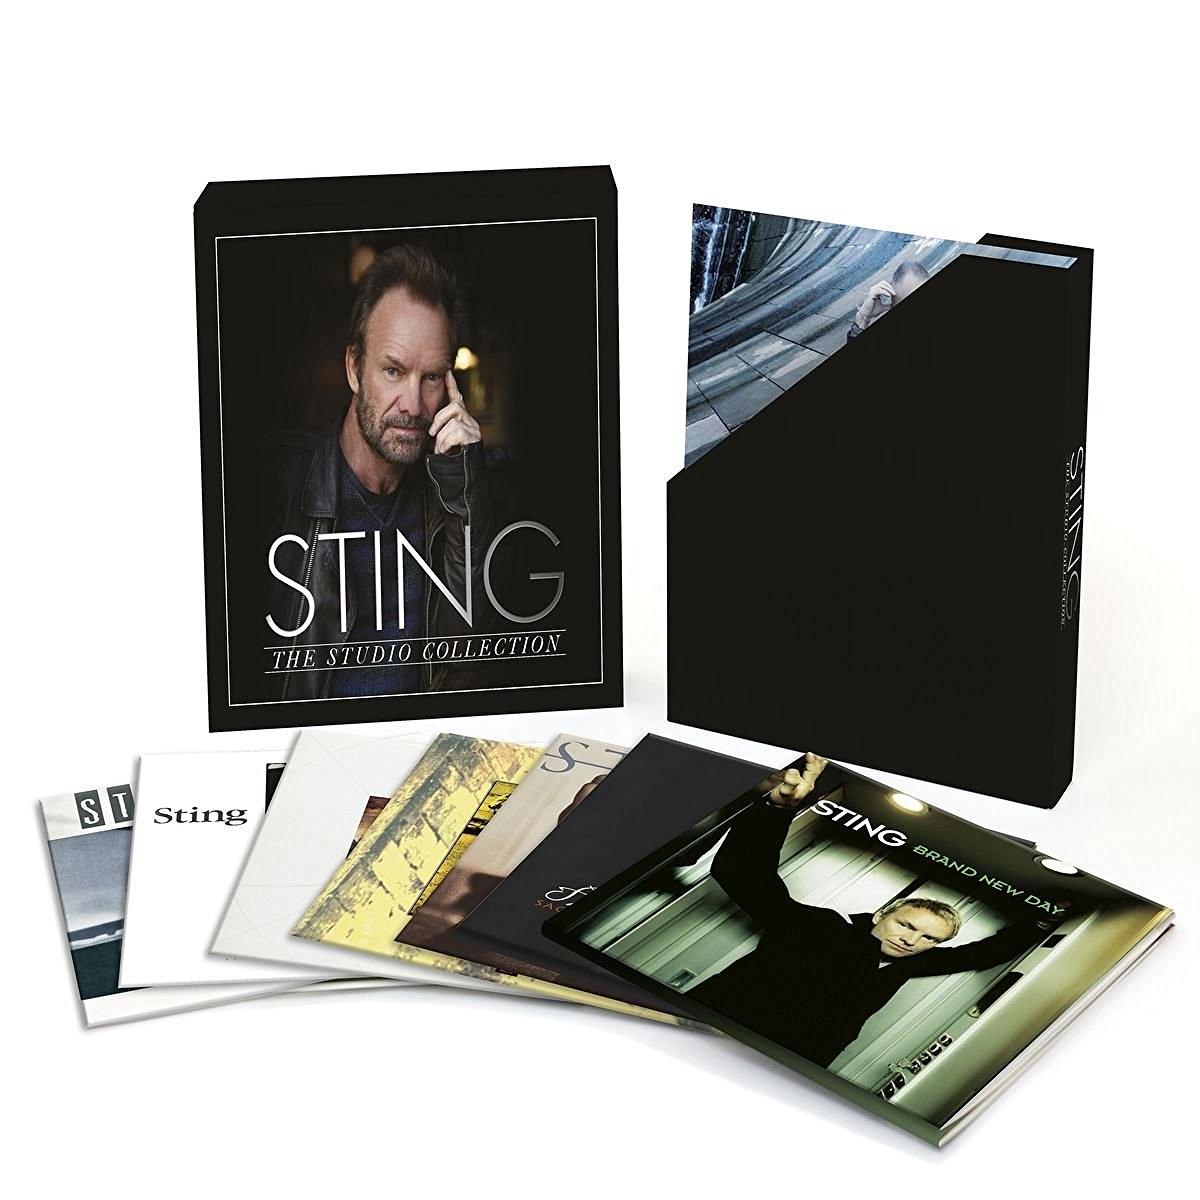 Sting. The Studio Collection (11 LP)Представляем вашему вниманию издание Sting. The Studio Collection, в котором собраны восемь студийных альбомов Стинга на 180-граммовом виниле.<br>